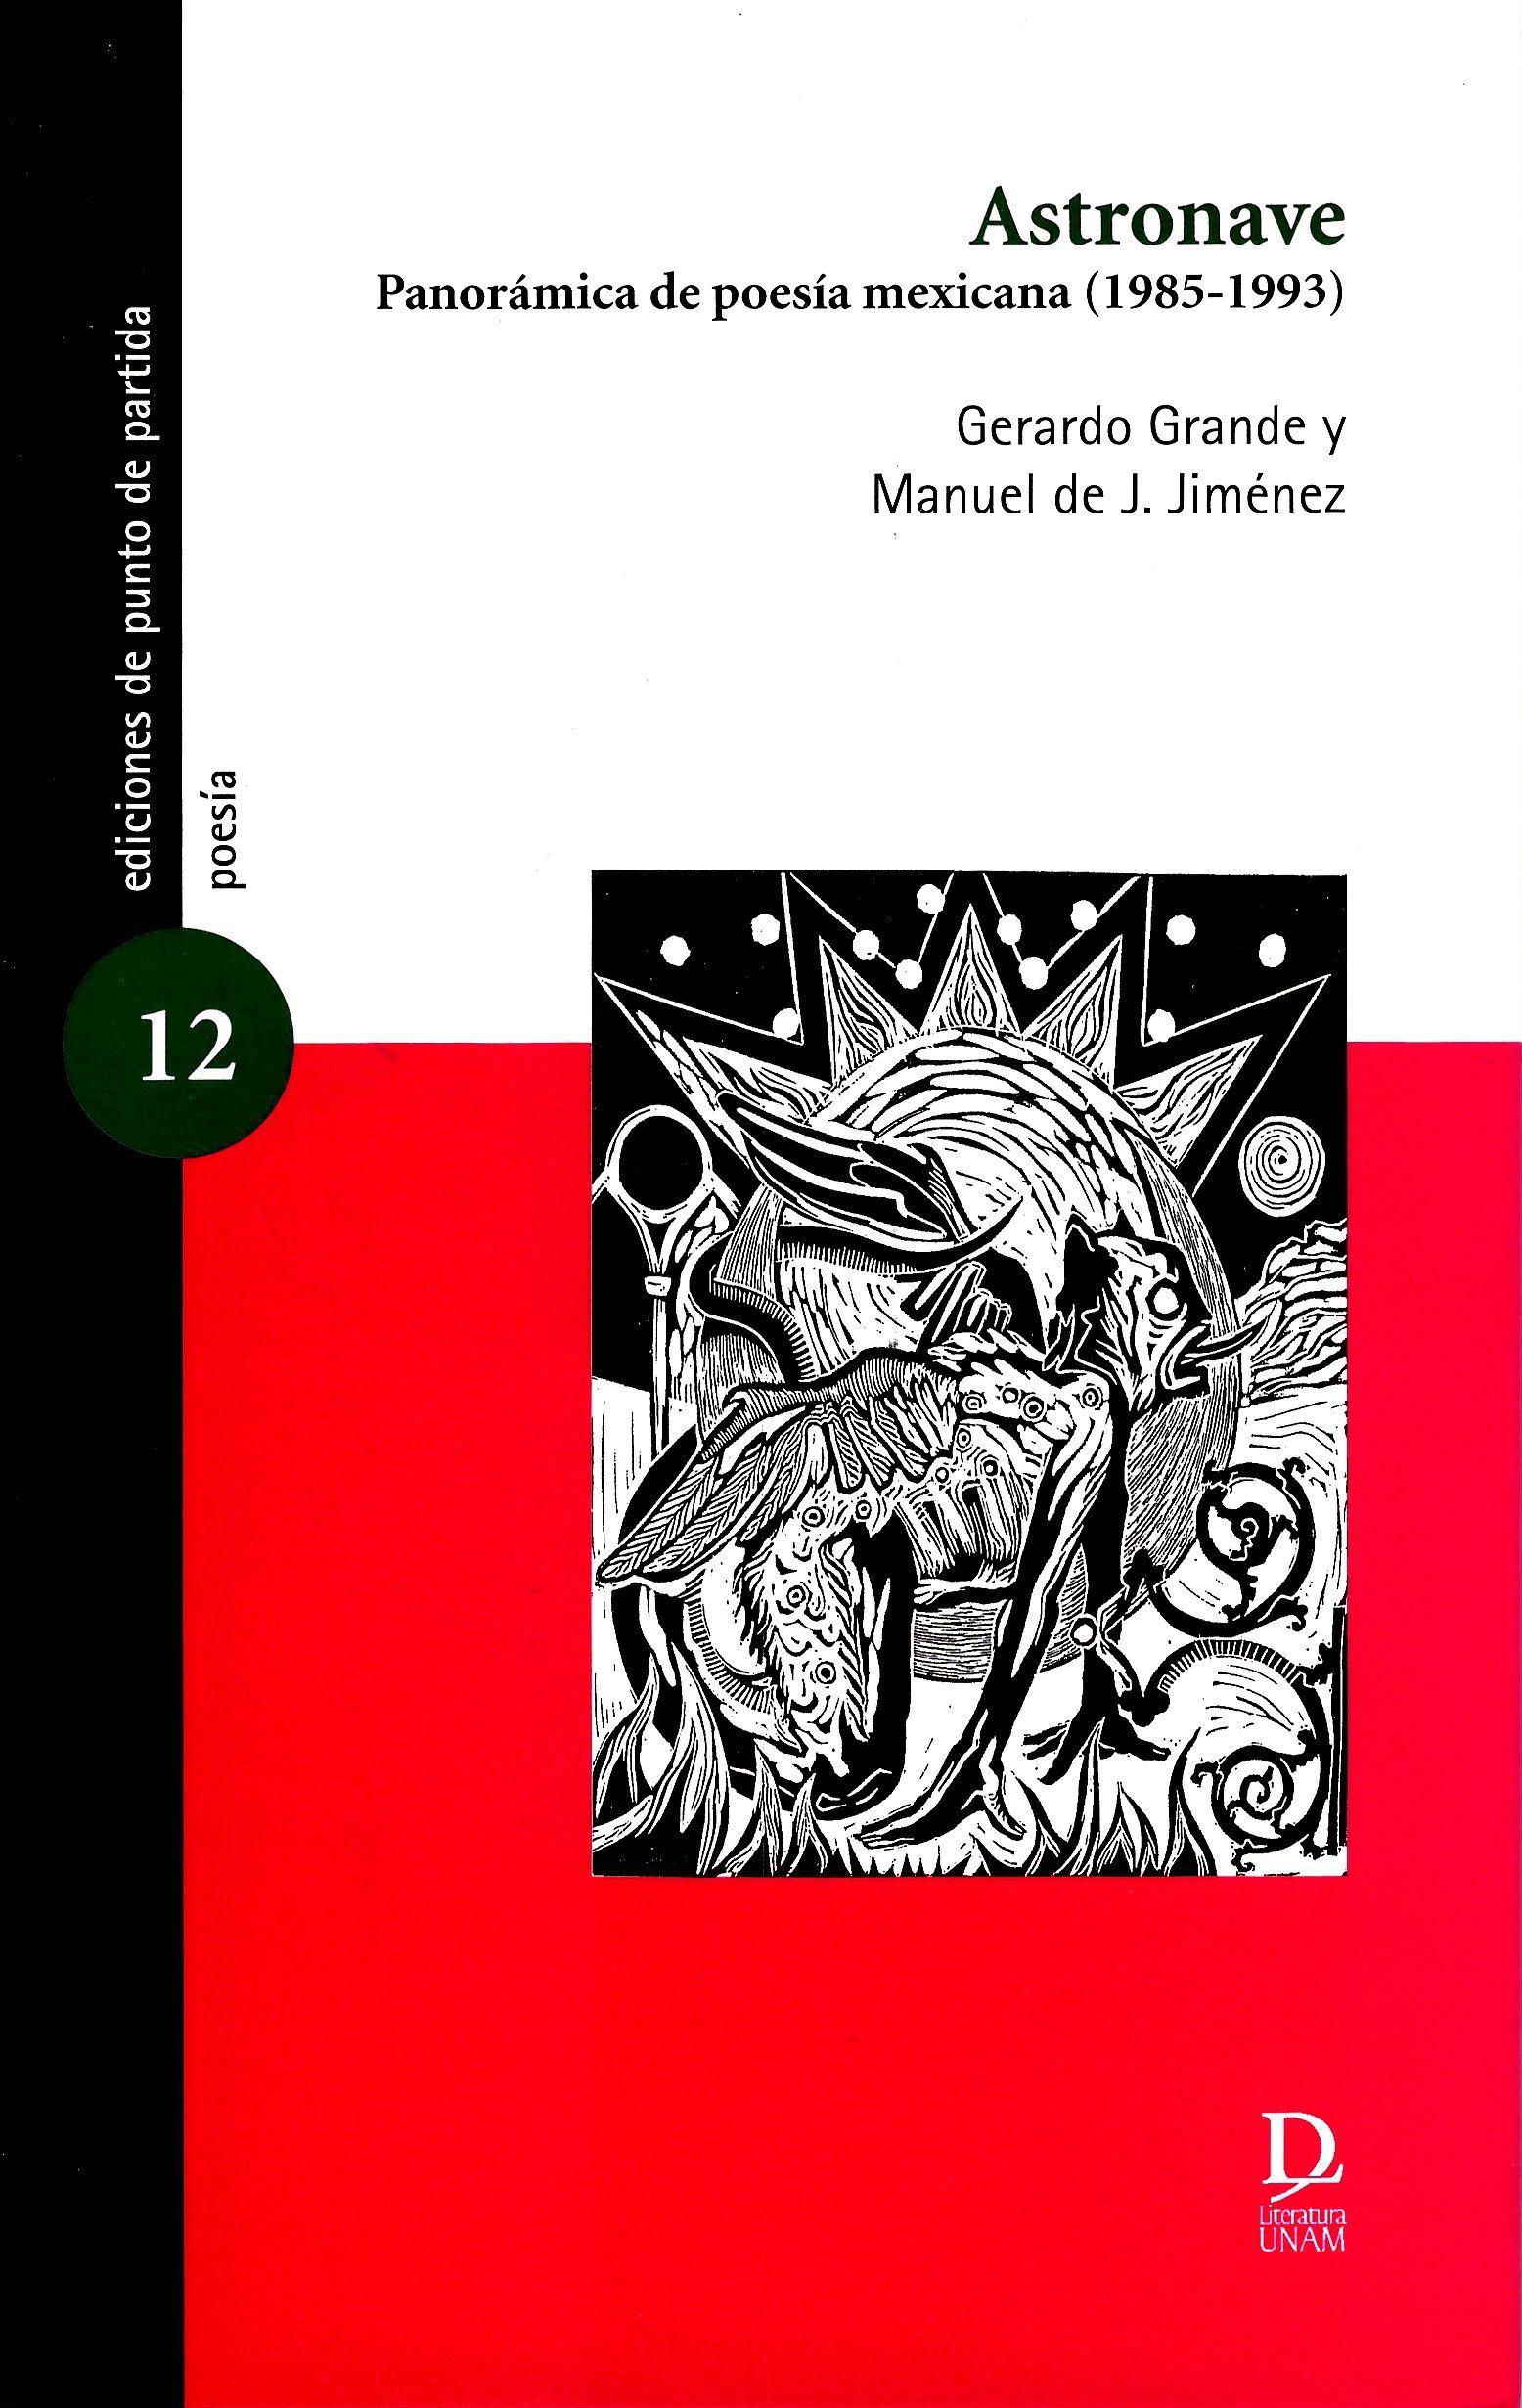 Astronave Panorámica de poesía mexicana (1985-1993)